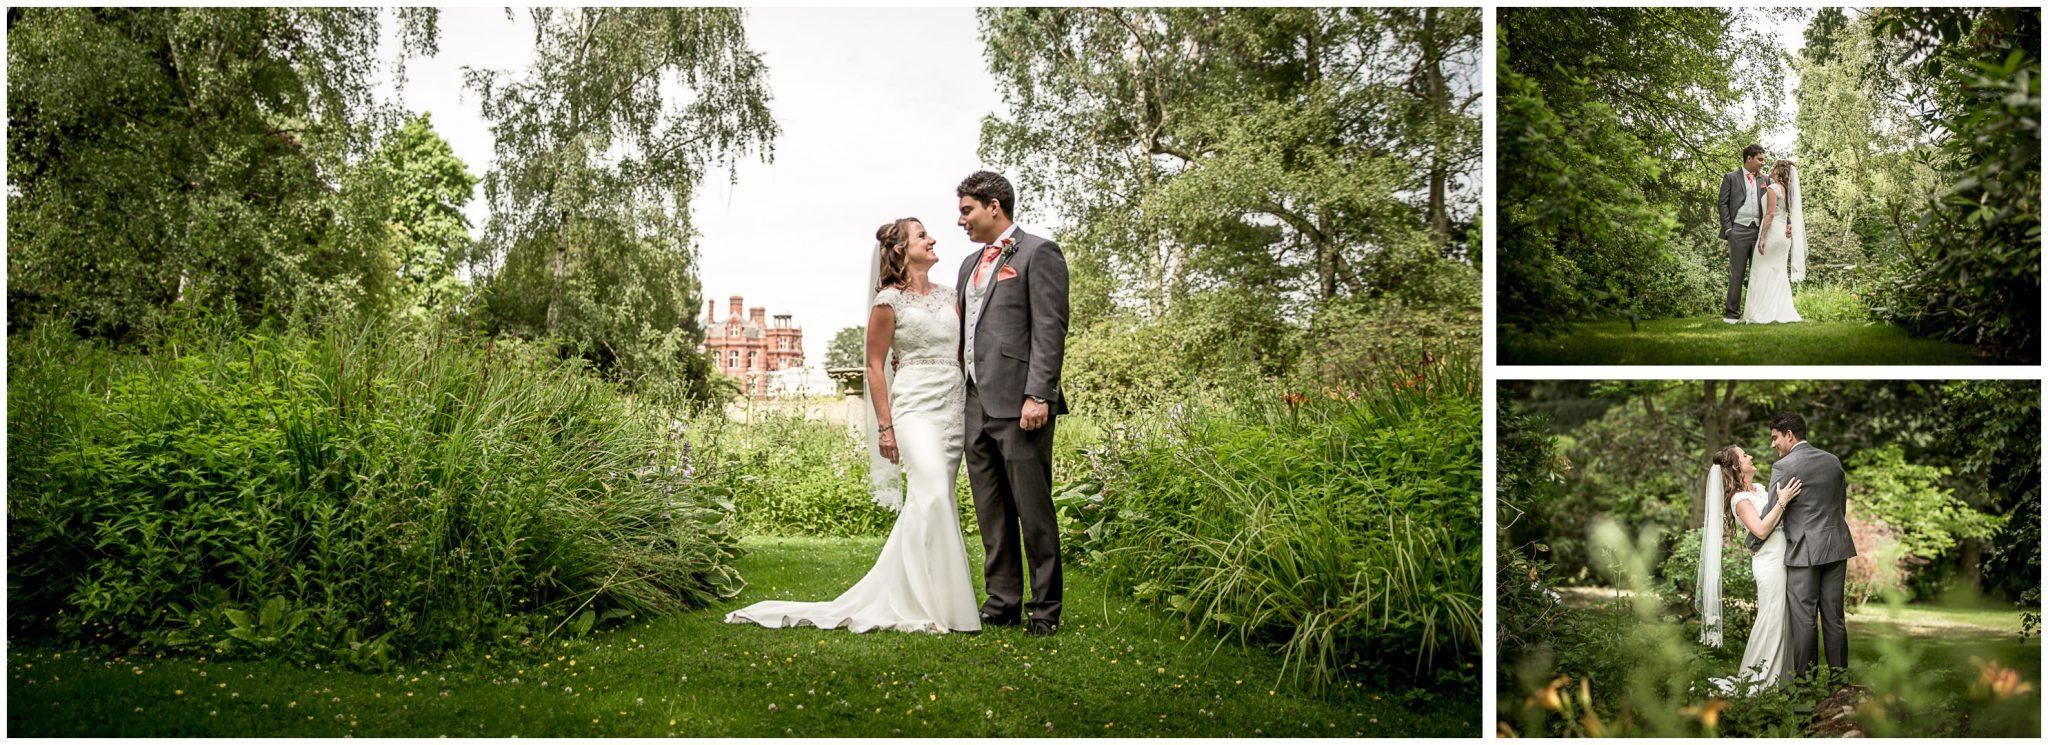 Couple portraits in the Elvetham gardens